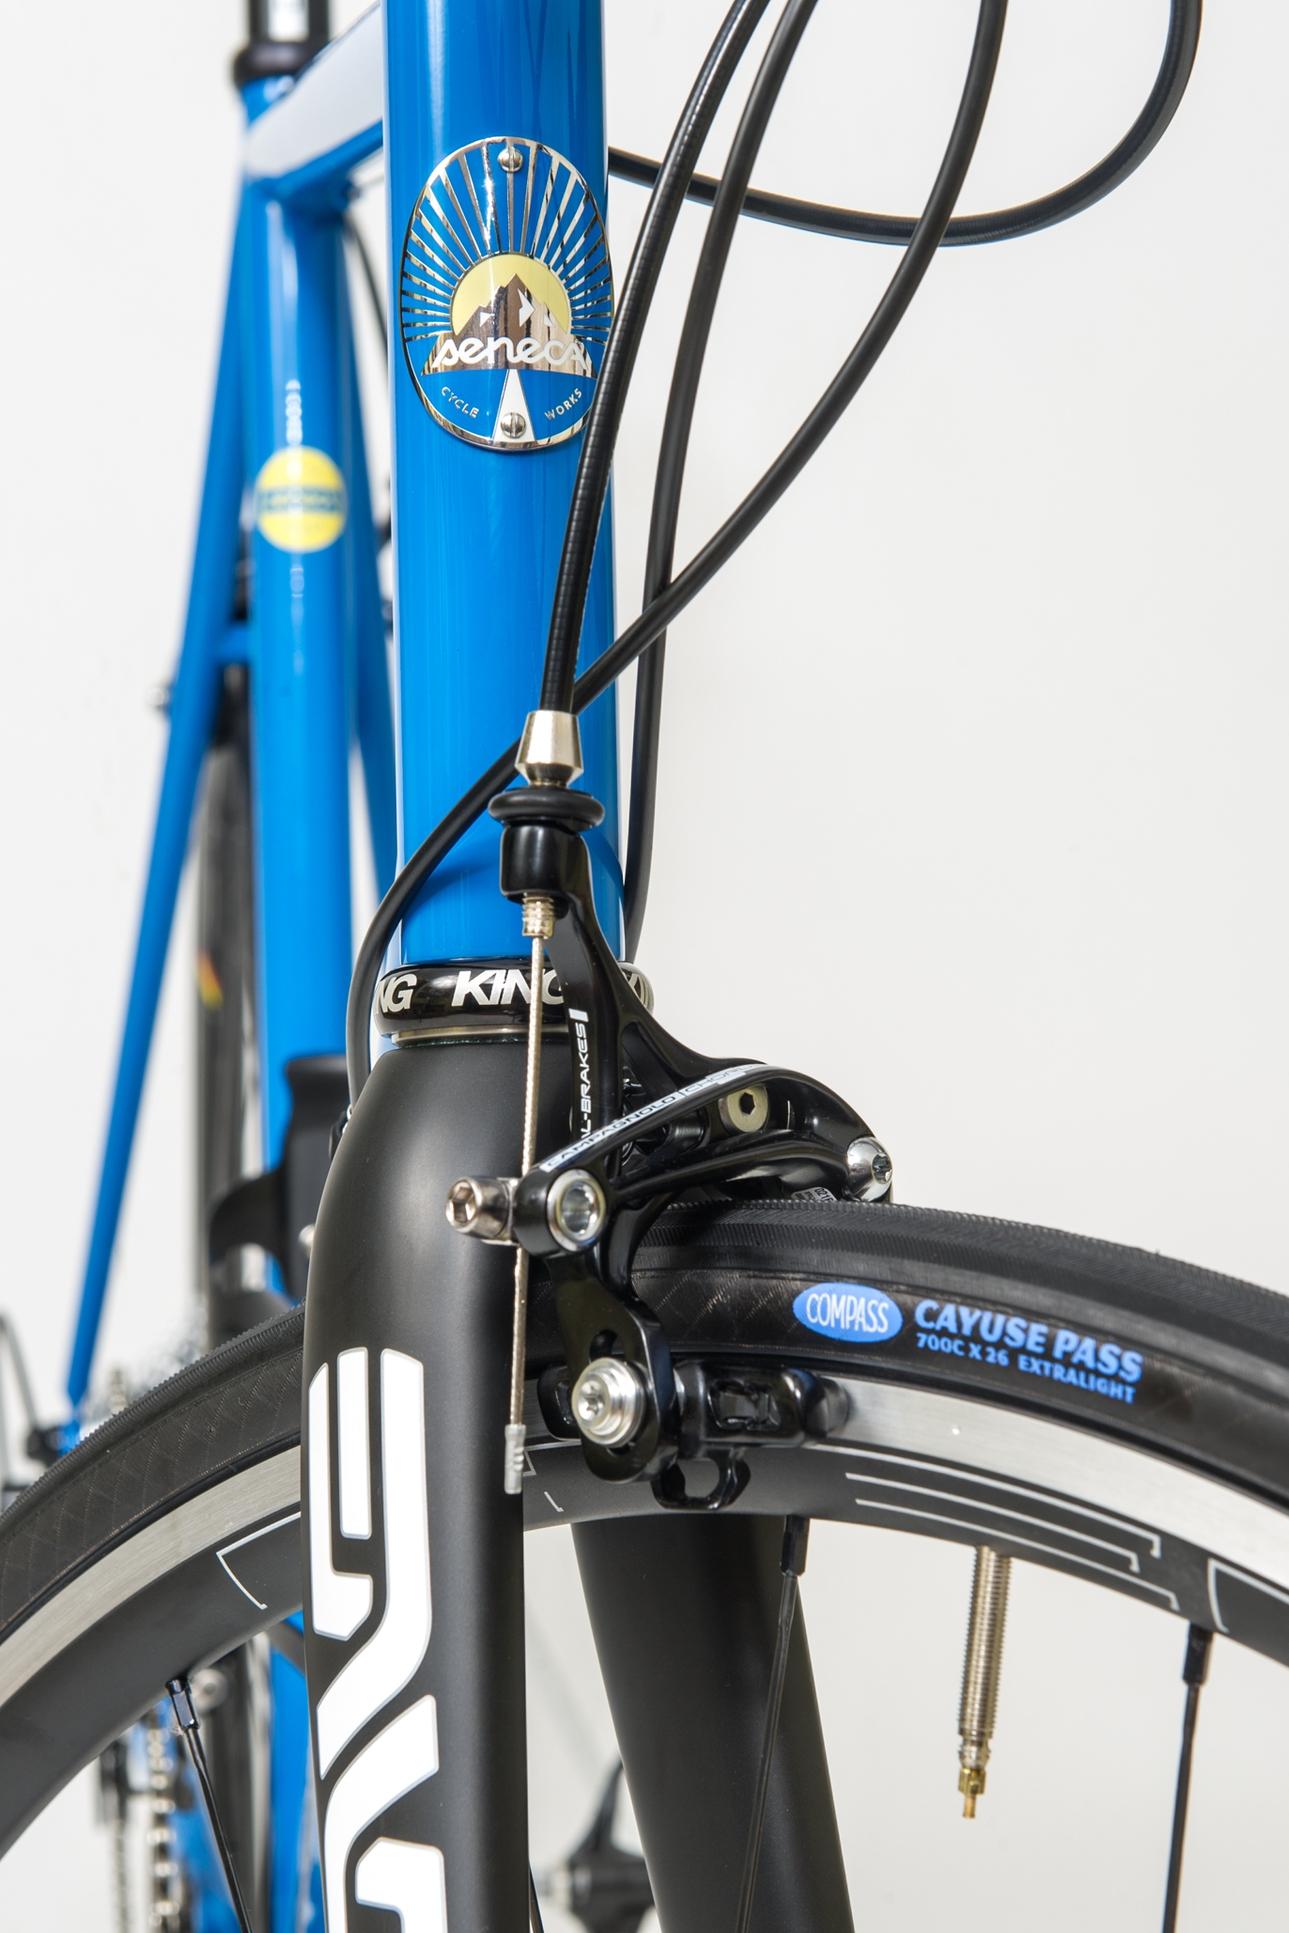 Enve road 2.0 carbon fork